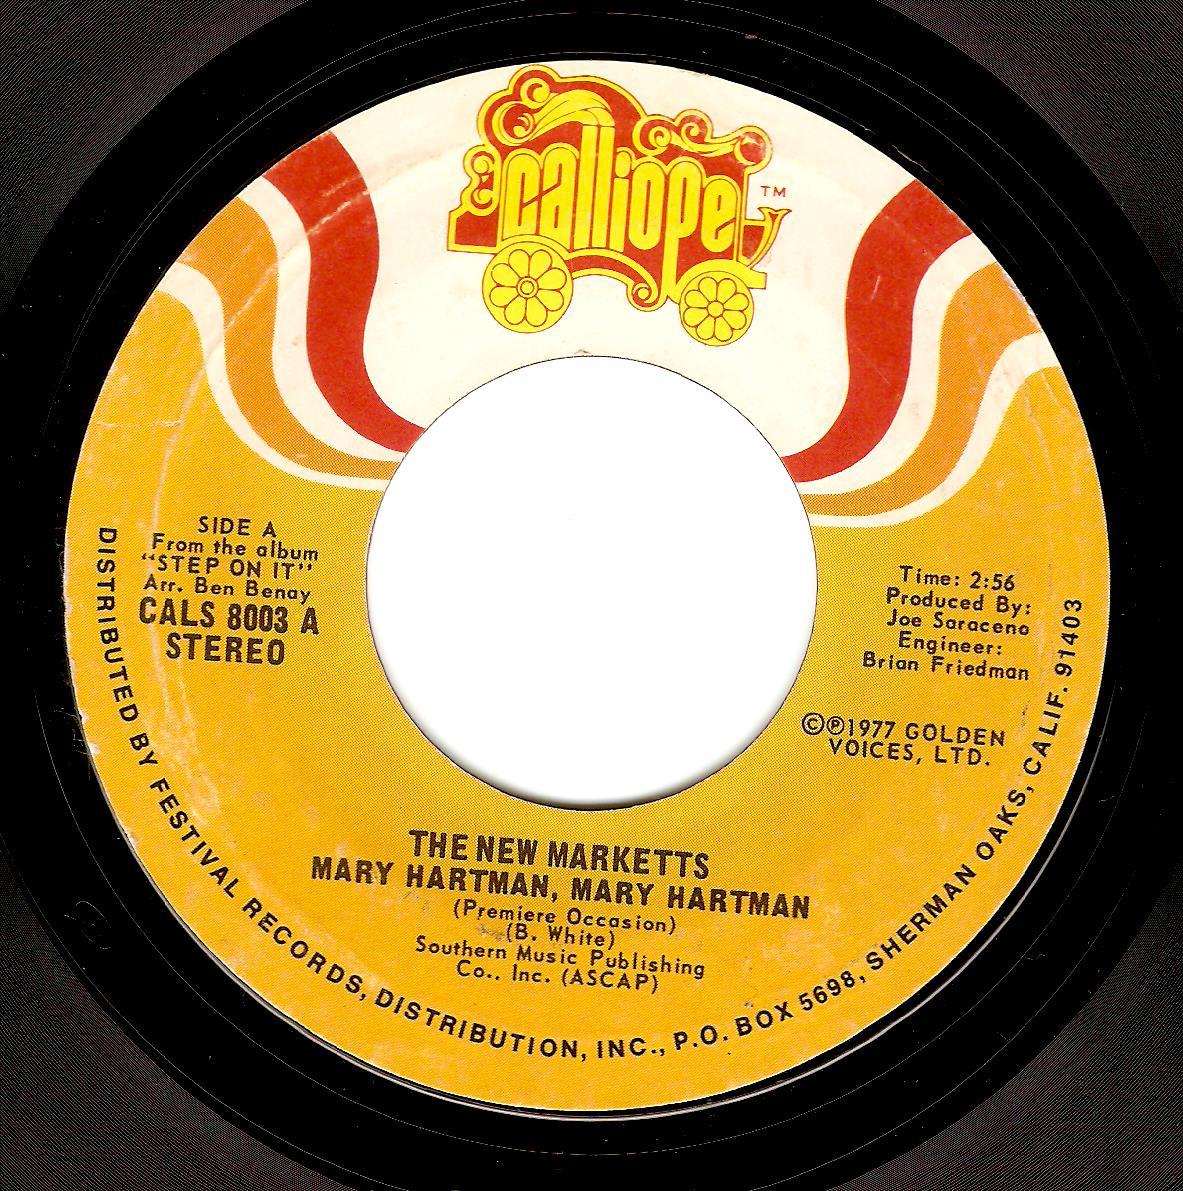 THE NEW MARKETTS Mary Hartman, Mary Hartman Vinyl Record 7 Inch US Calliope  1977